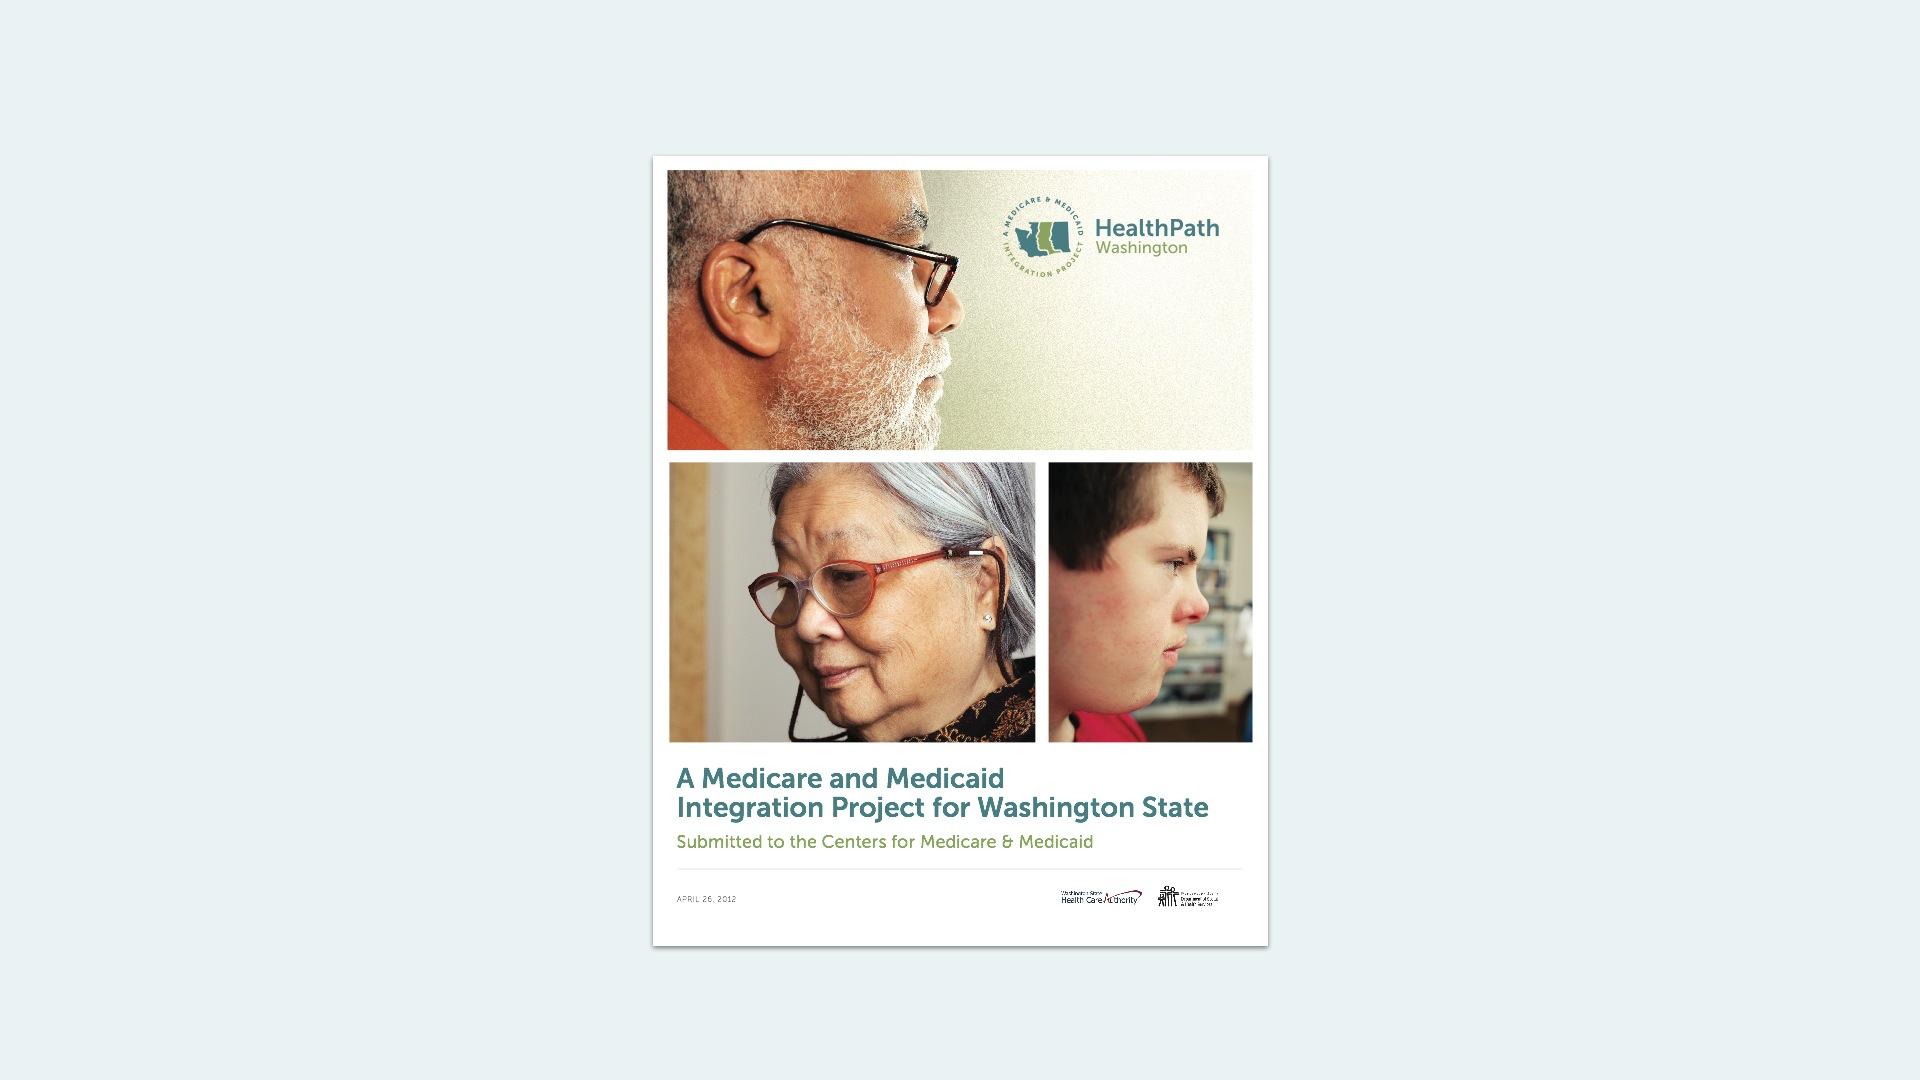 healthpath-washington-02